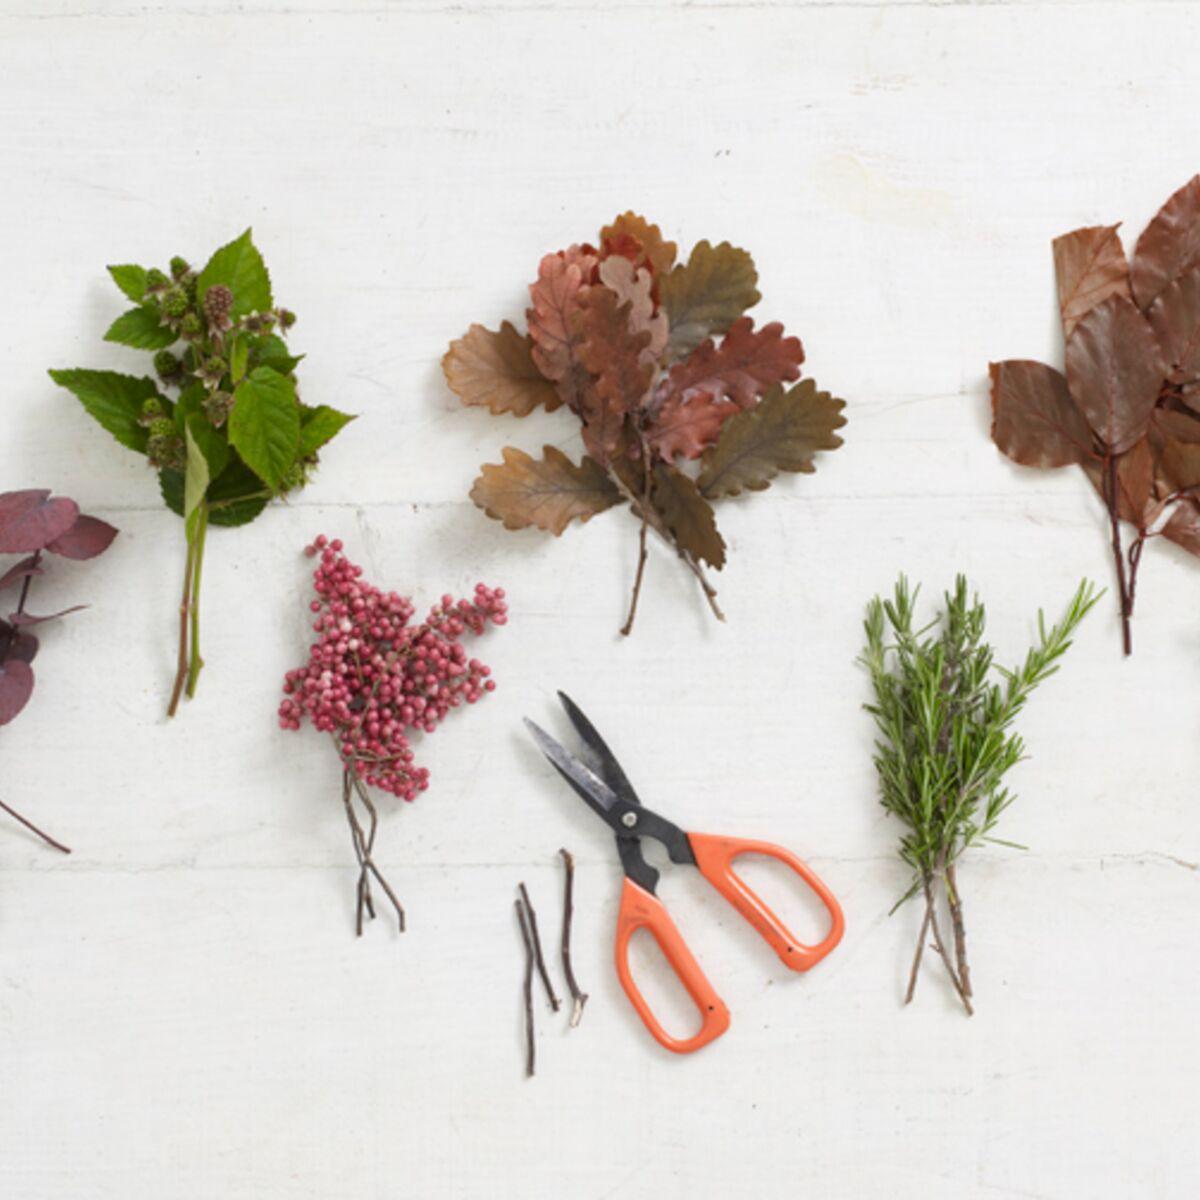 Compositions Florales D Automne Hiver 7 Tutos Faciles A Faire Femme Actuelle Le Mag